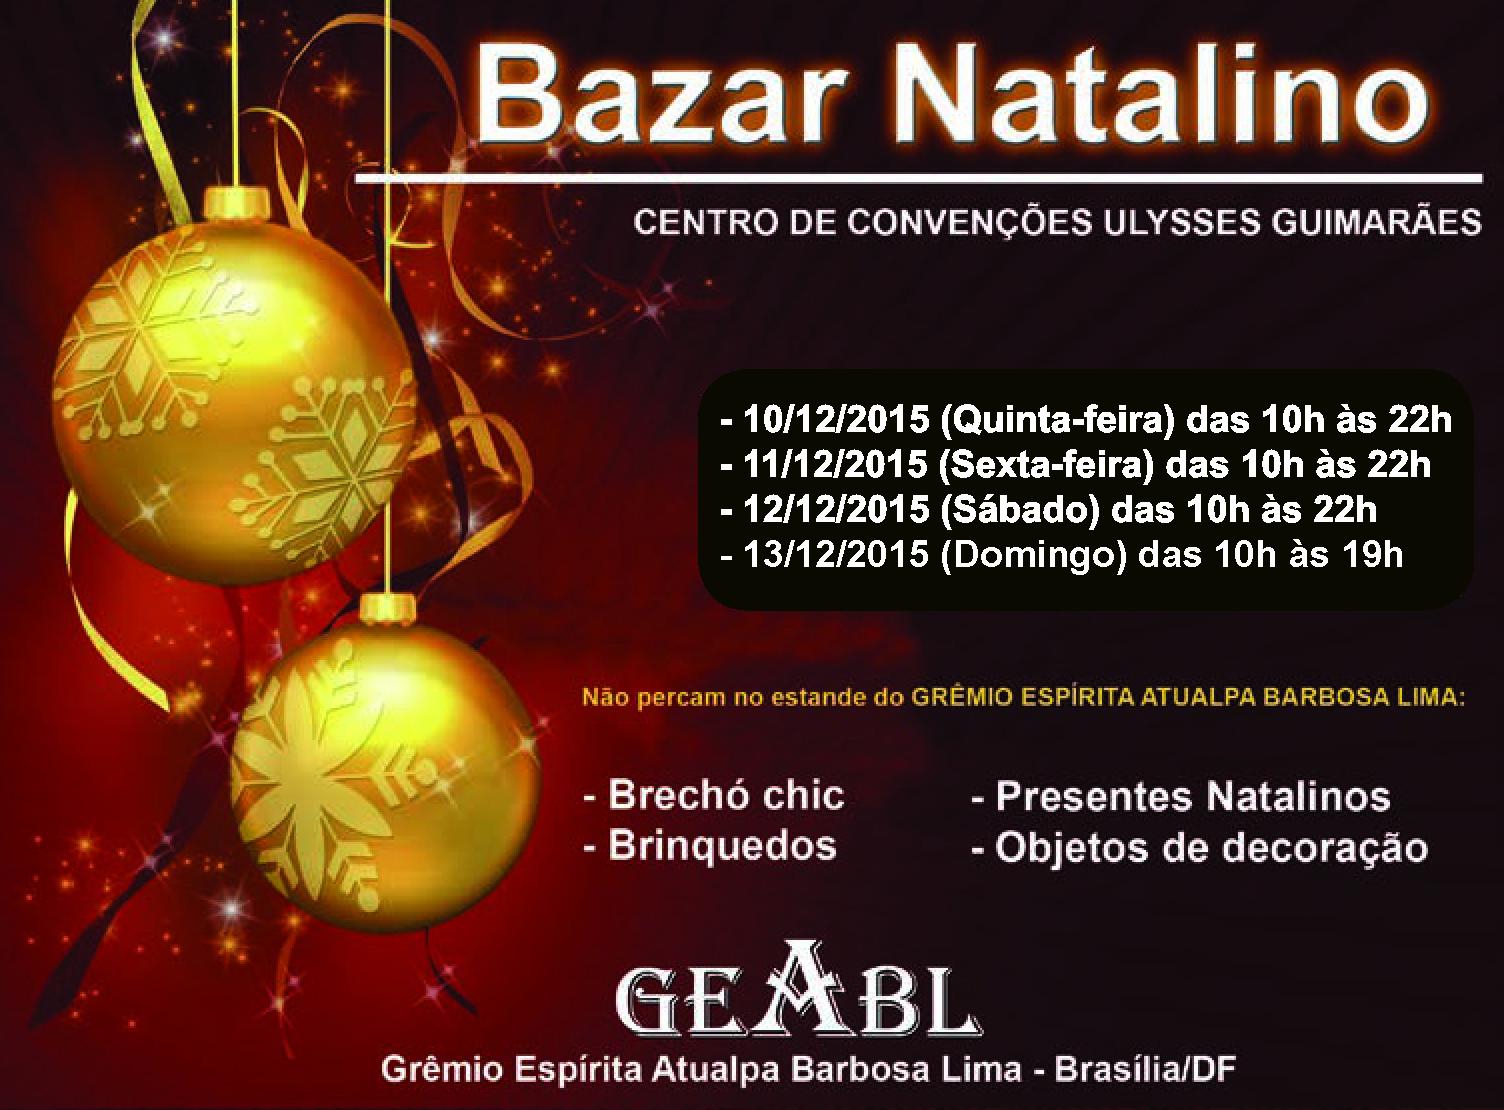 bazar_natalino_2015.jpg